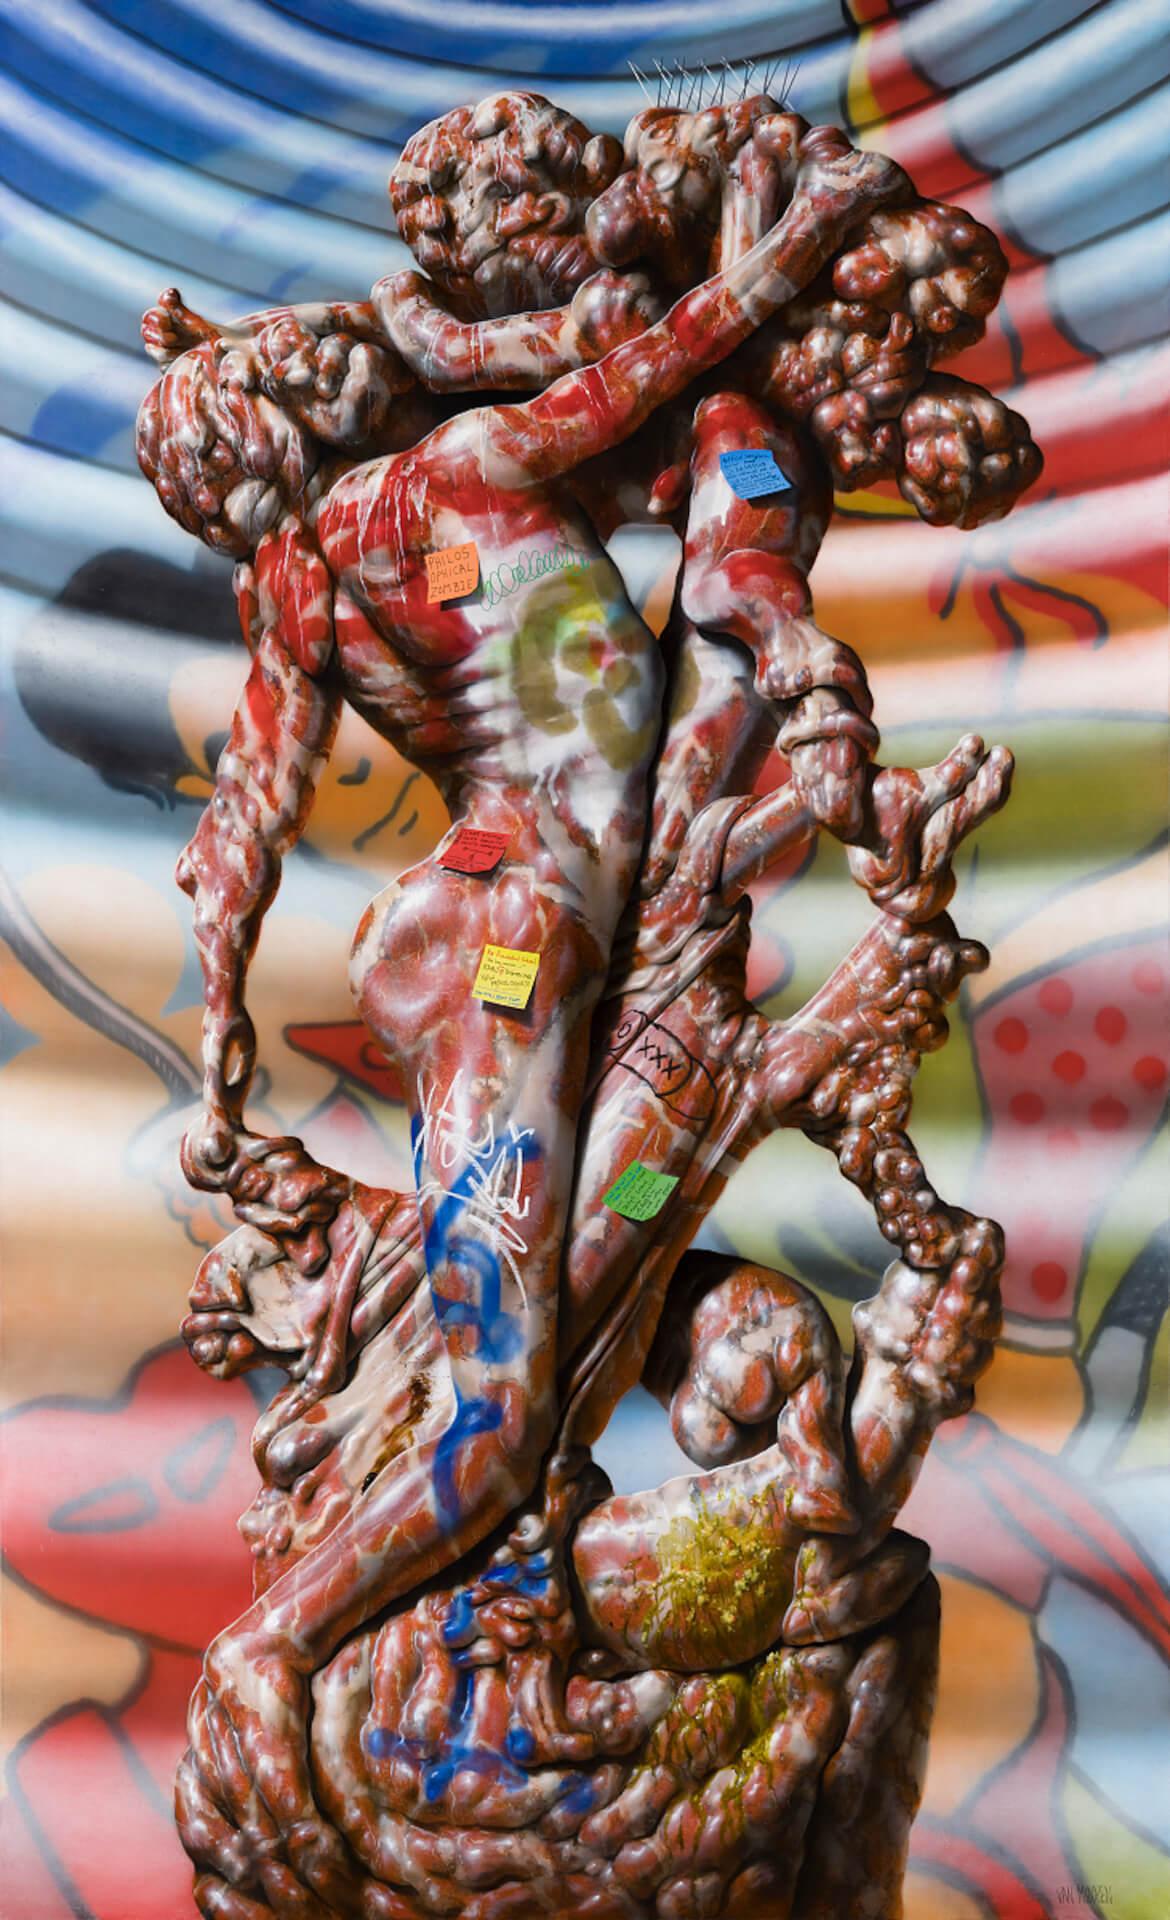 タトゥーを纏った肉塊を描くクリスチャン・レックス・ヴァン・ミネンの日本初個展が東京3会場で開催! art210804_nanzuka-05